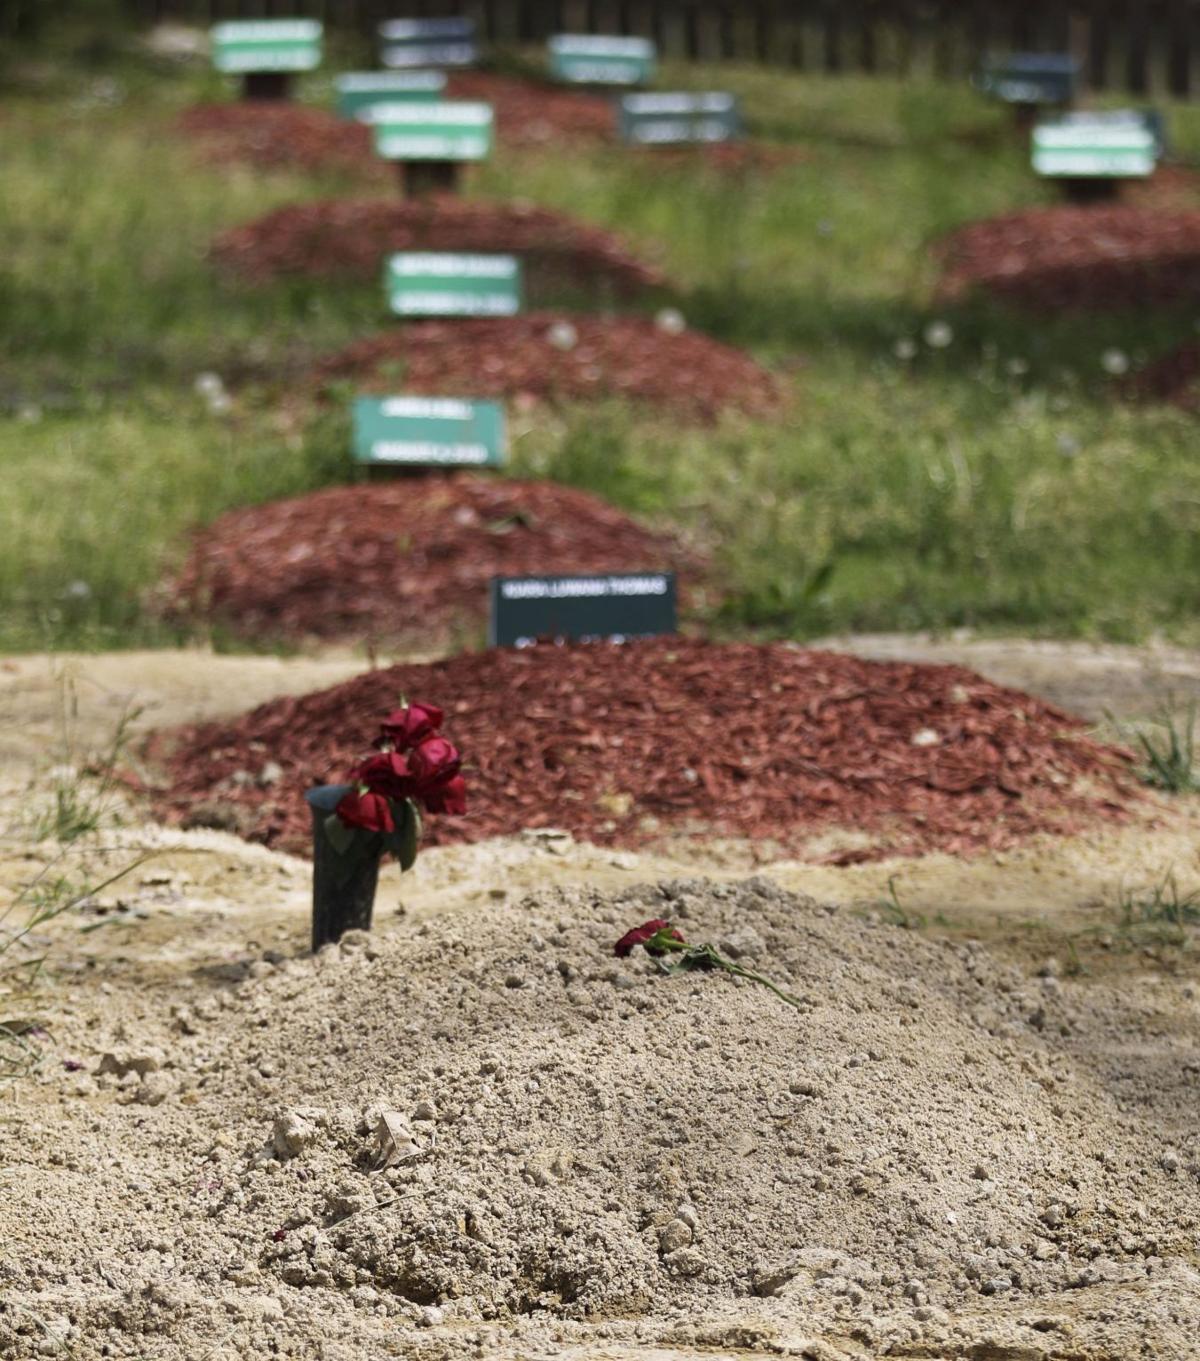 Bombing suspect buried in Virginia